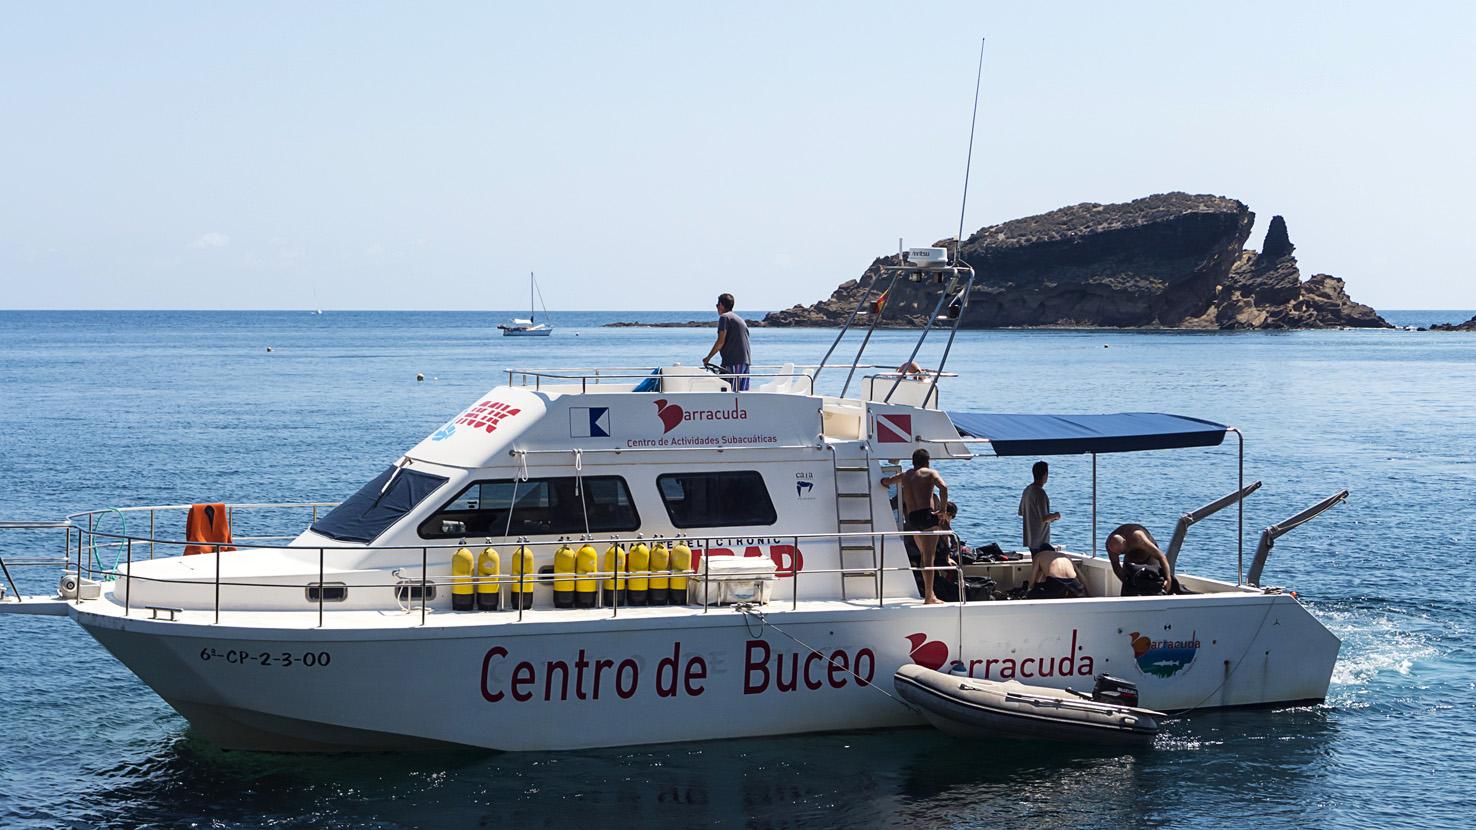 embarcacin_centro_de_buceo_barracuda_alcocebre